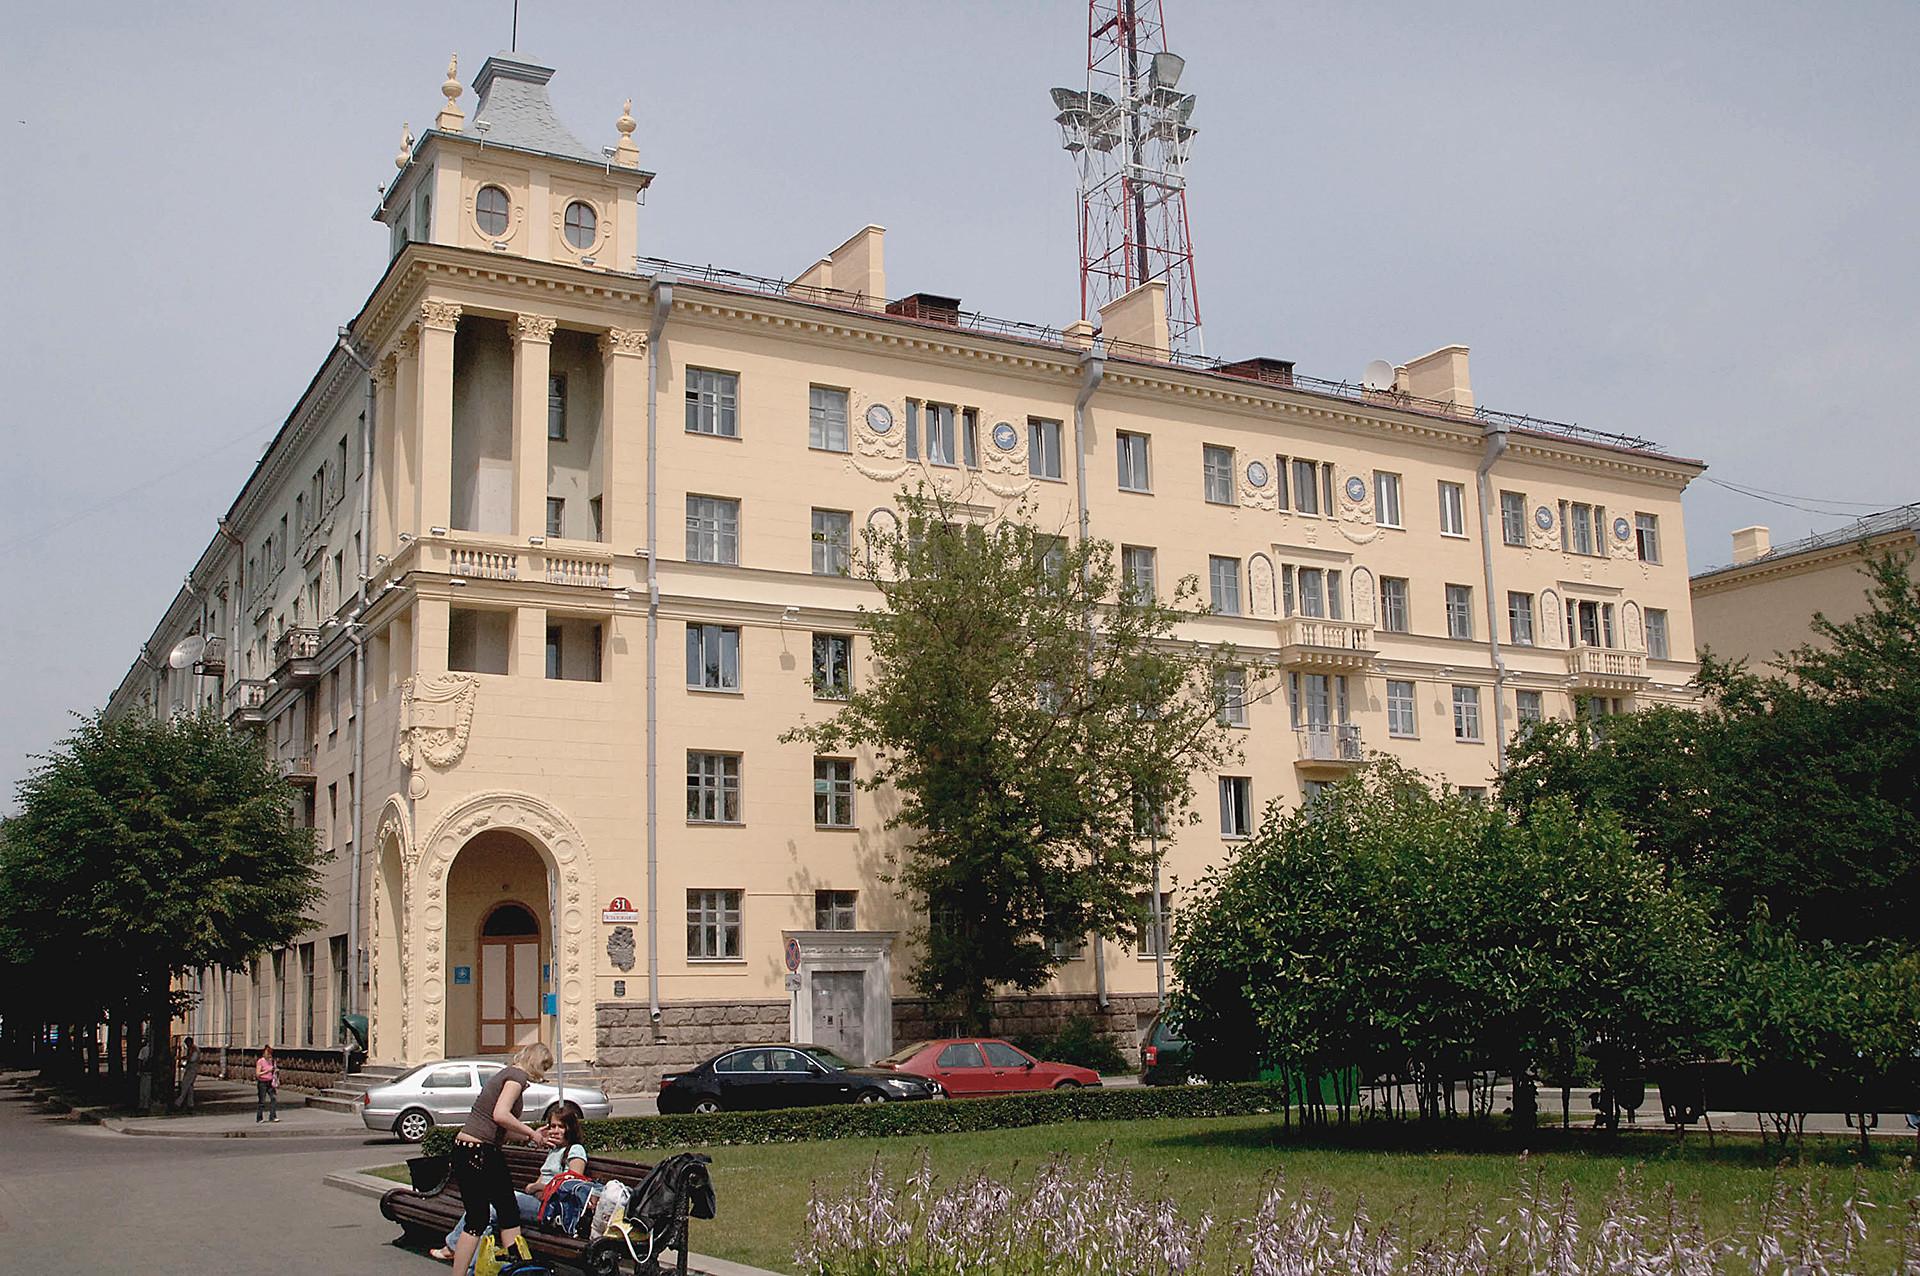 Сградата, в която живее Осуалд по преме на престоя си в Минск